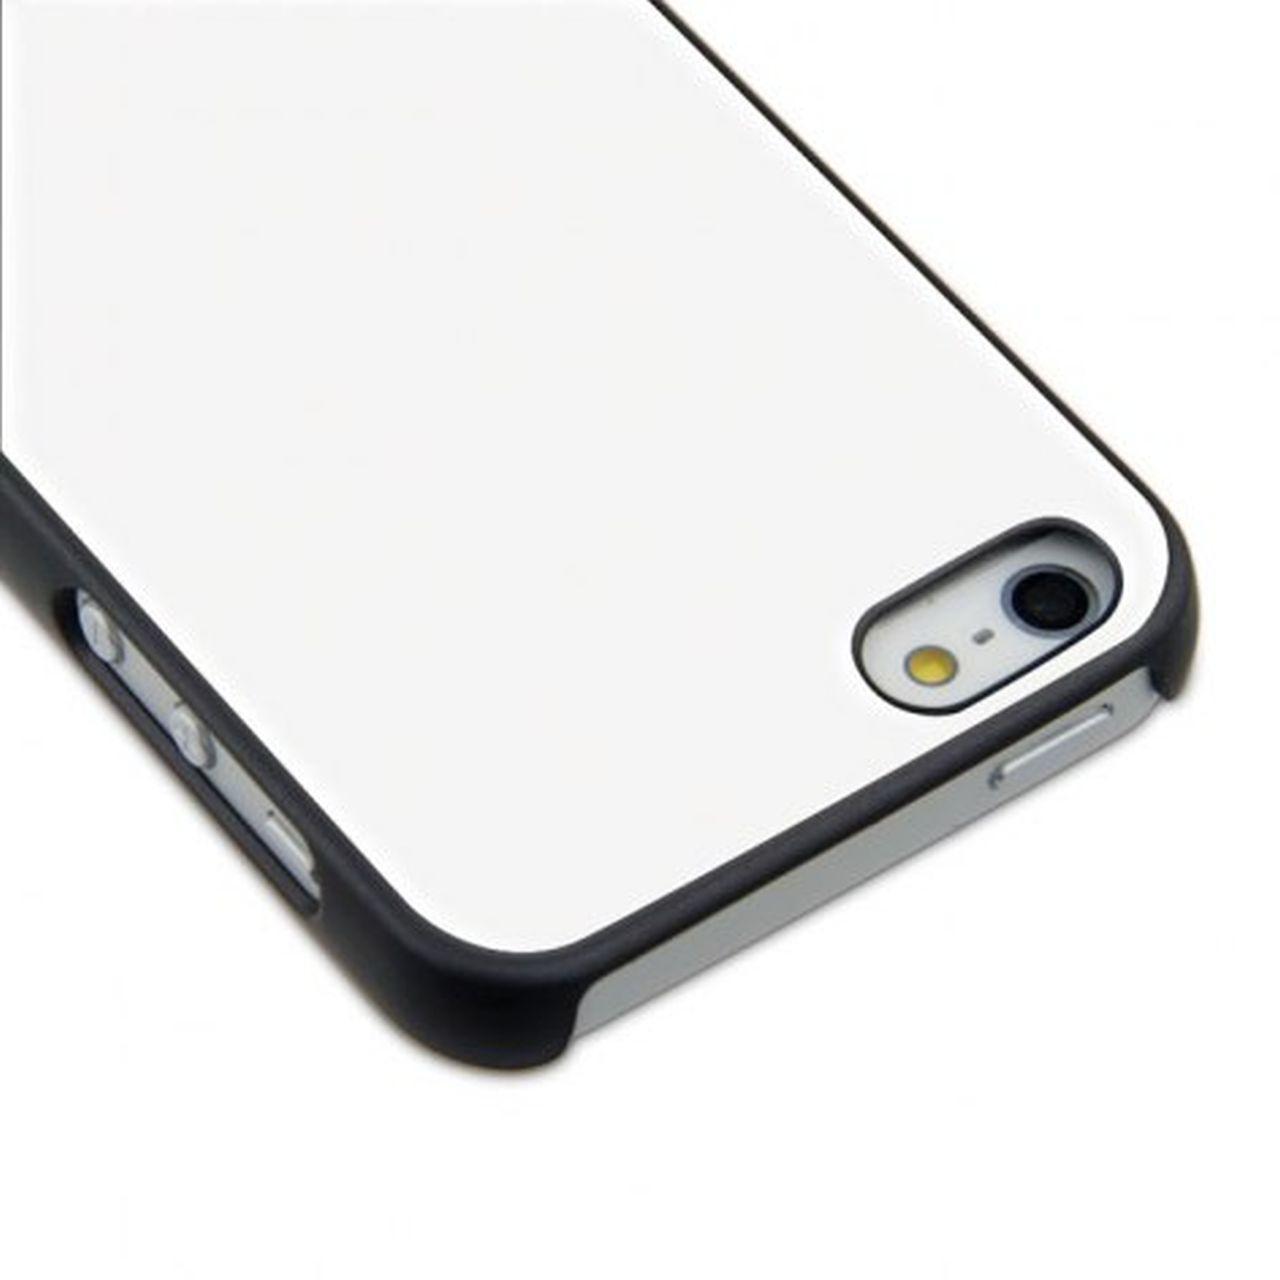 Sublicover nera iphone-5 cm.13x7x1h